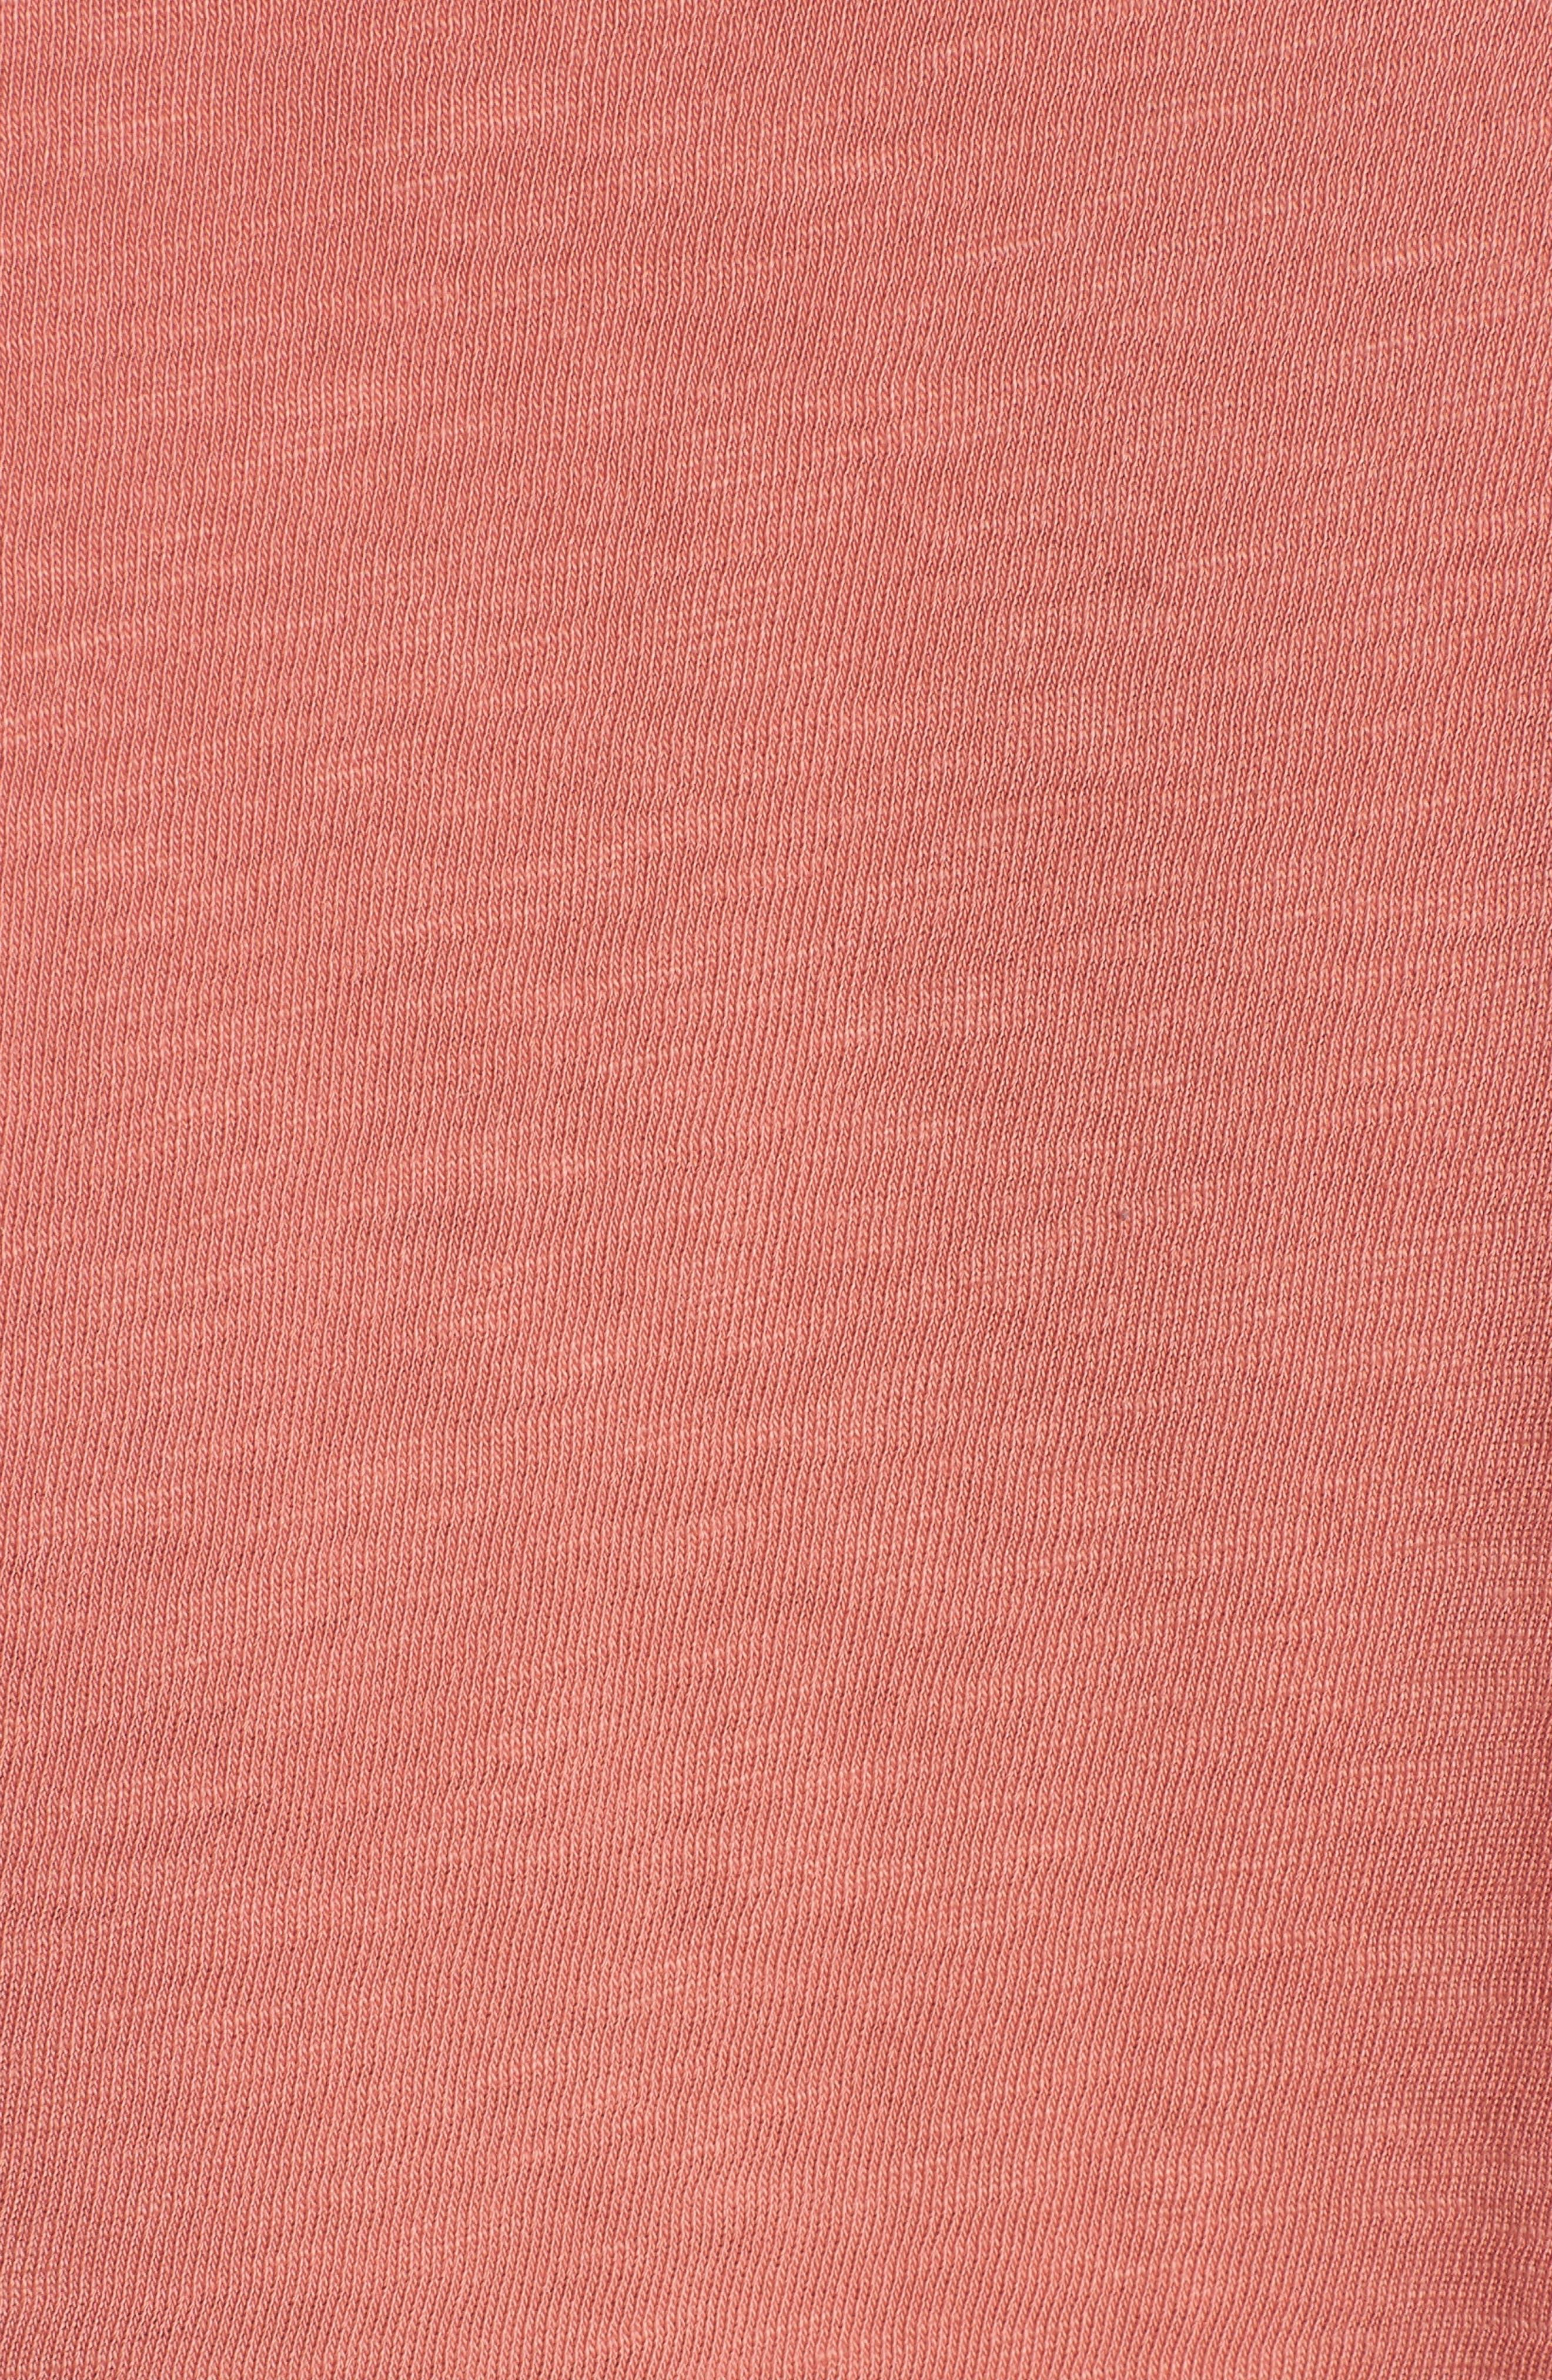 Tie Sleeve Slub Cotton Tee,                             Alternate thumbnail 5, color,                             659